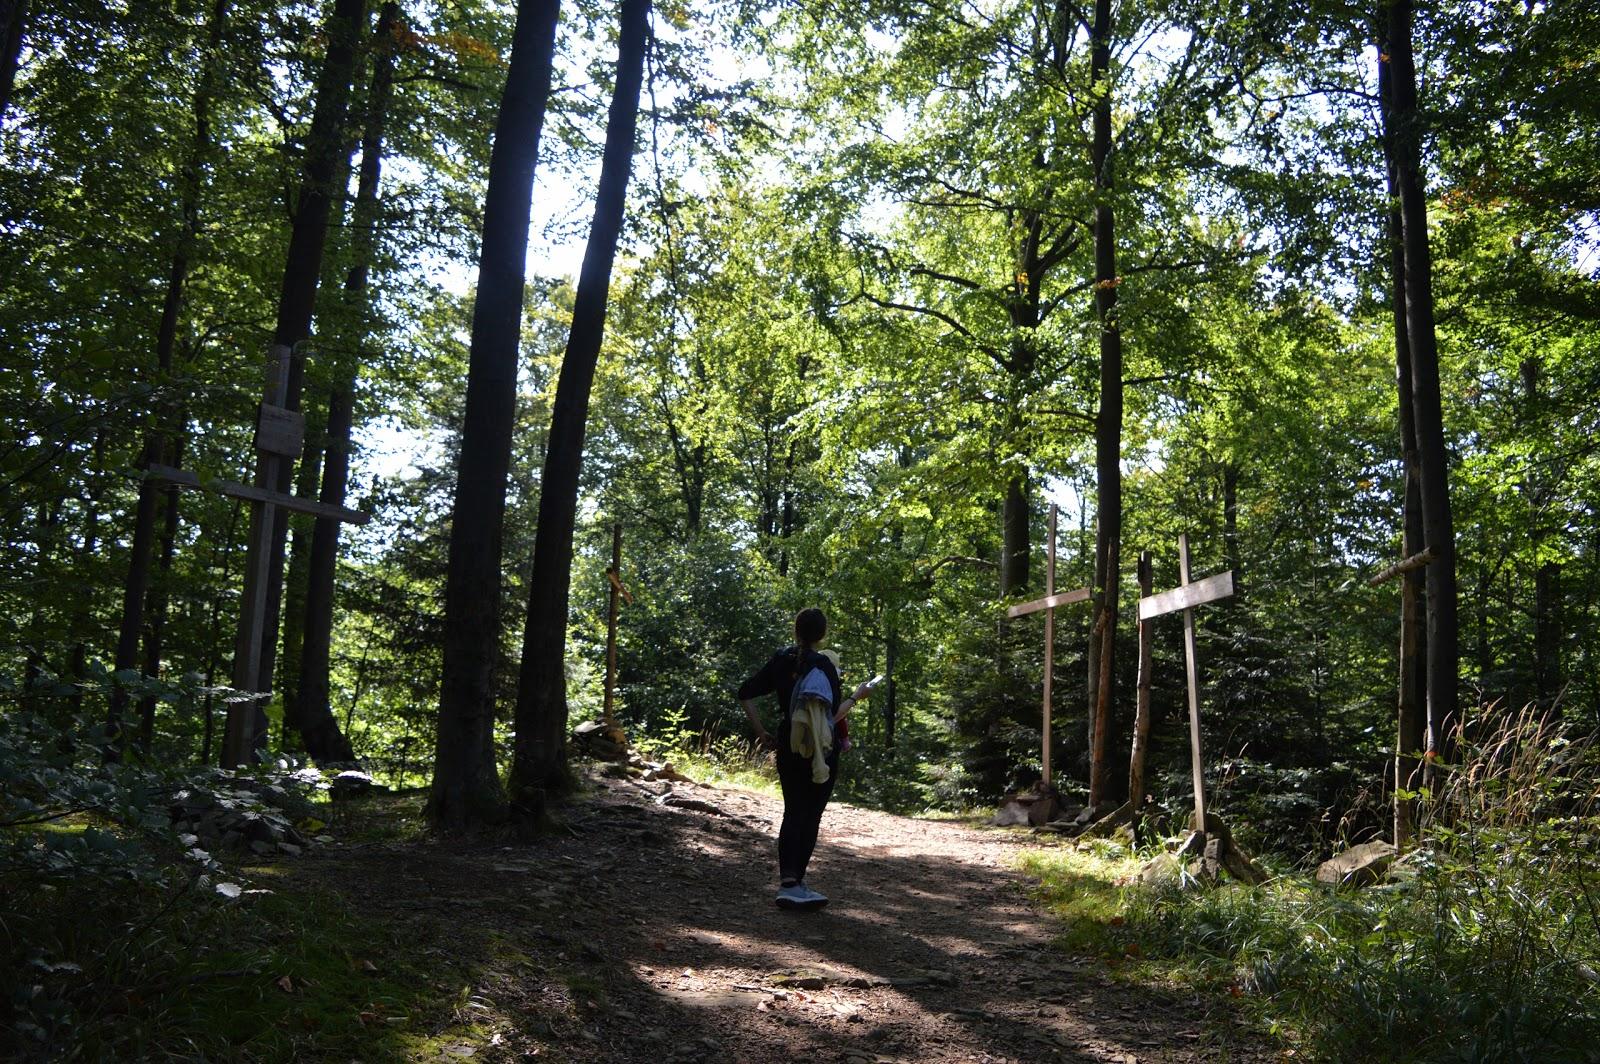 jawornik, szczyt, drewniane krzyże na jaworniku, góry, bieszczady, szlak w bieszczadach, krótki szlak, dokąd w bieszczady, rzucić wszystko i wyjechać w Bieszczady